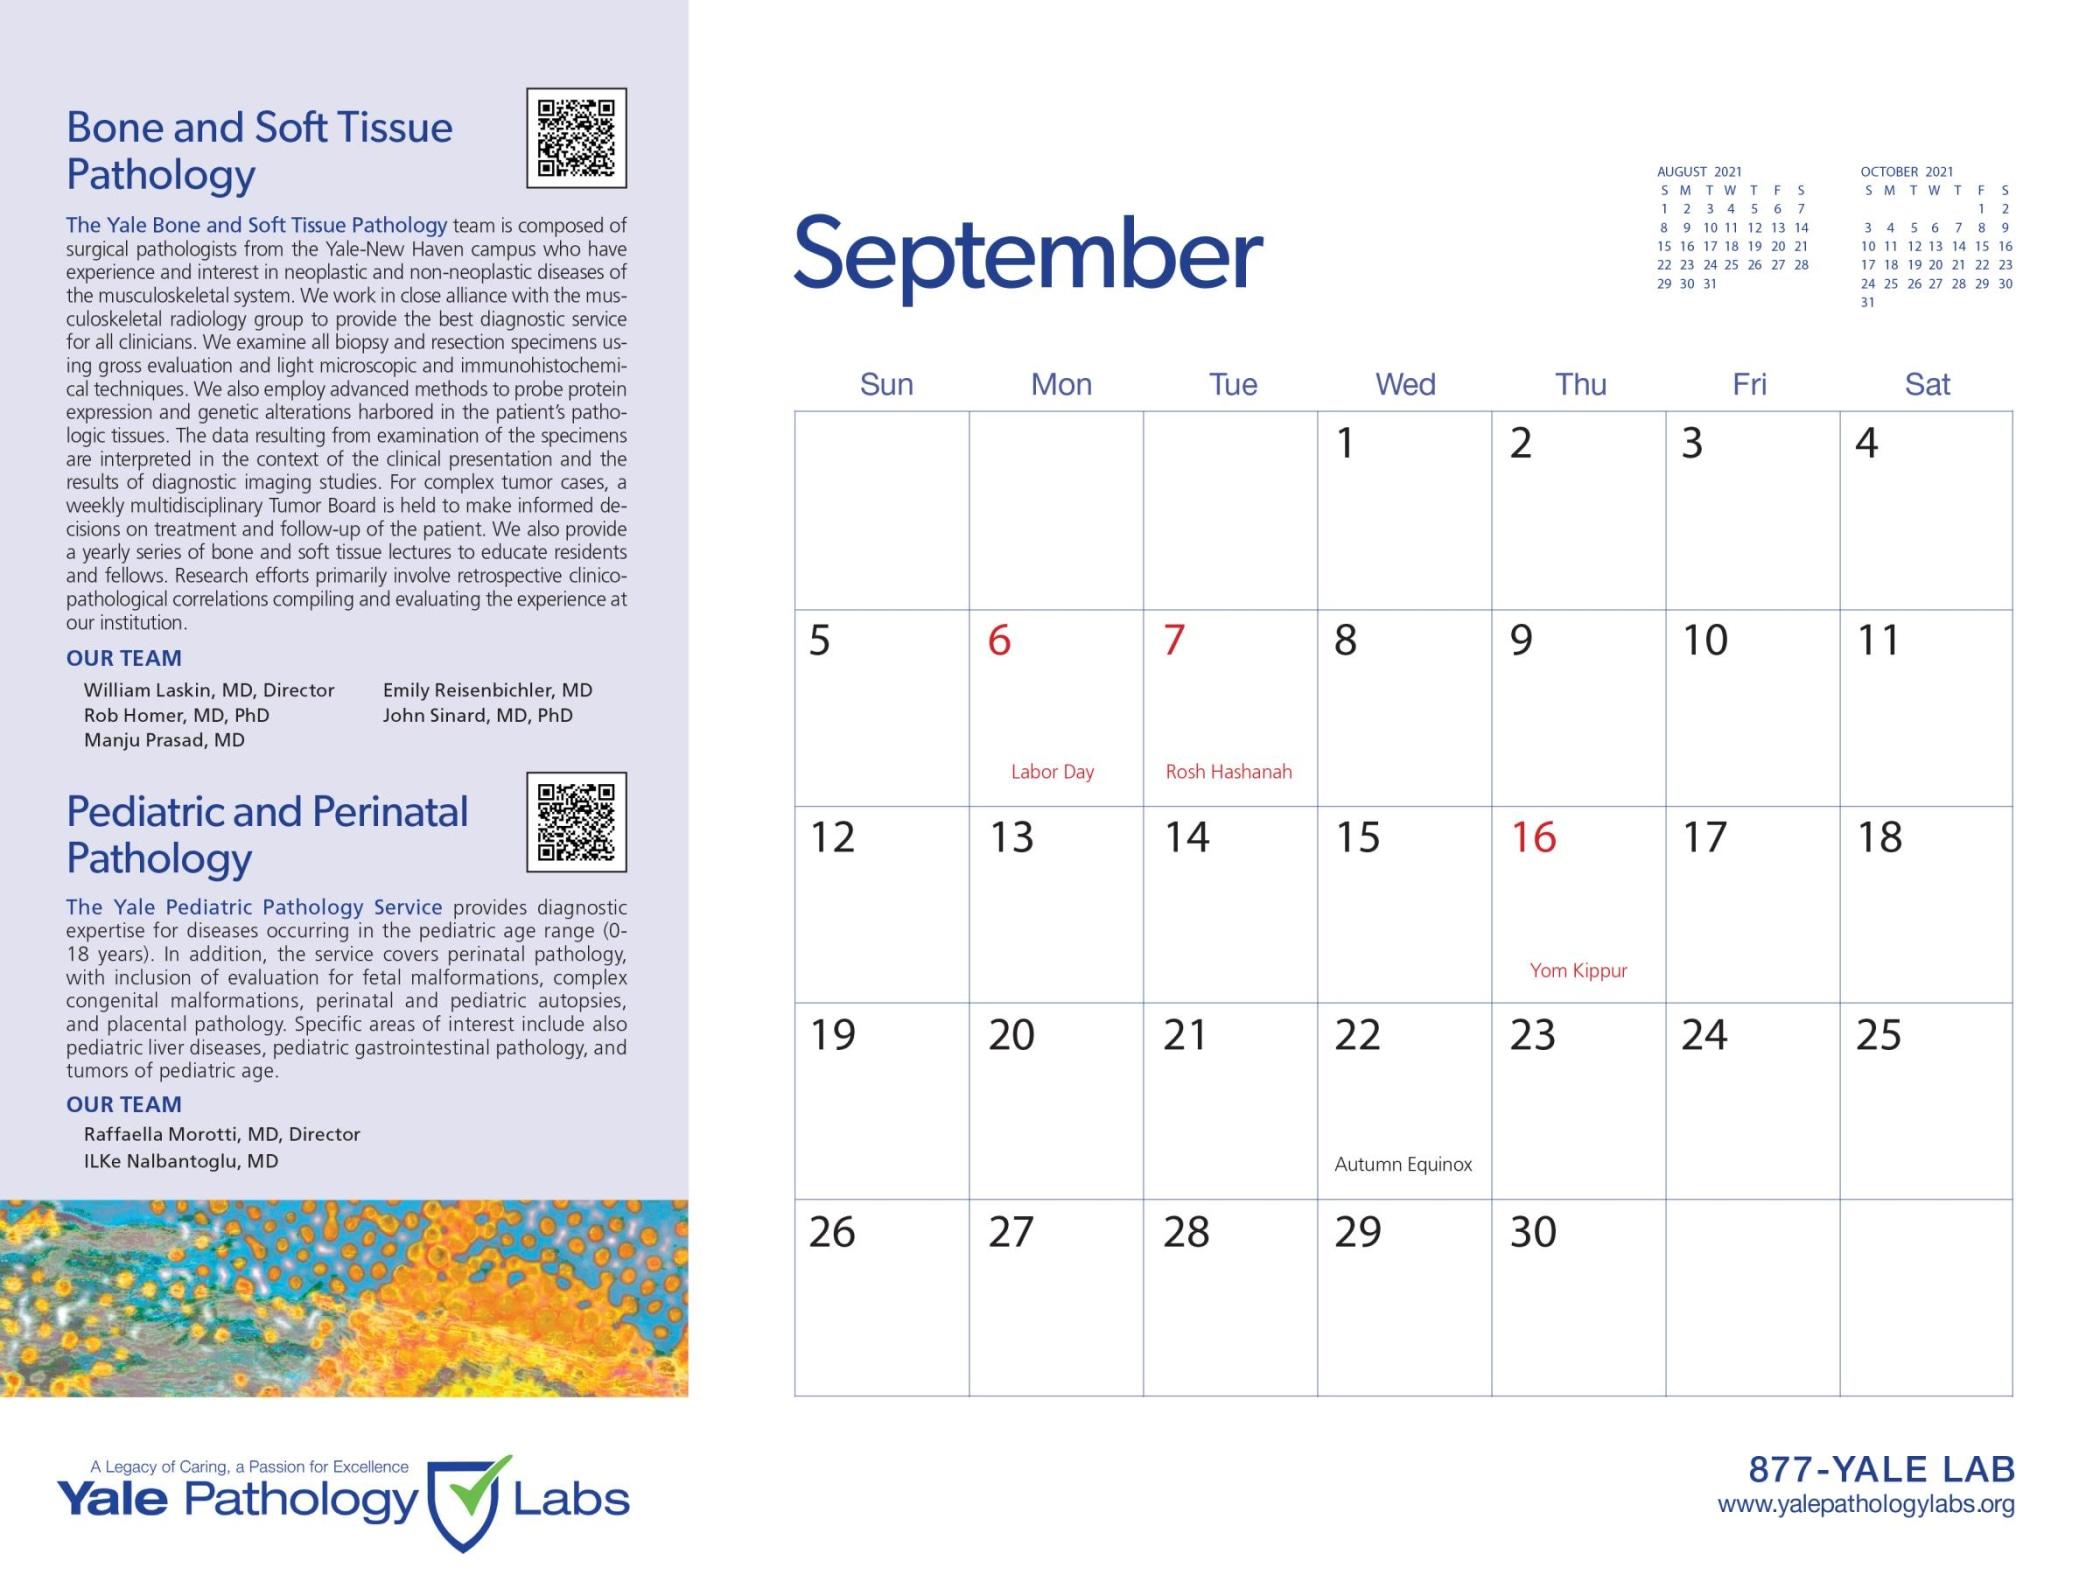 Yale Pathology Labs Calendar 2021 - Bone and Soft Tissue Pathology - Pediatric Pathology